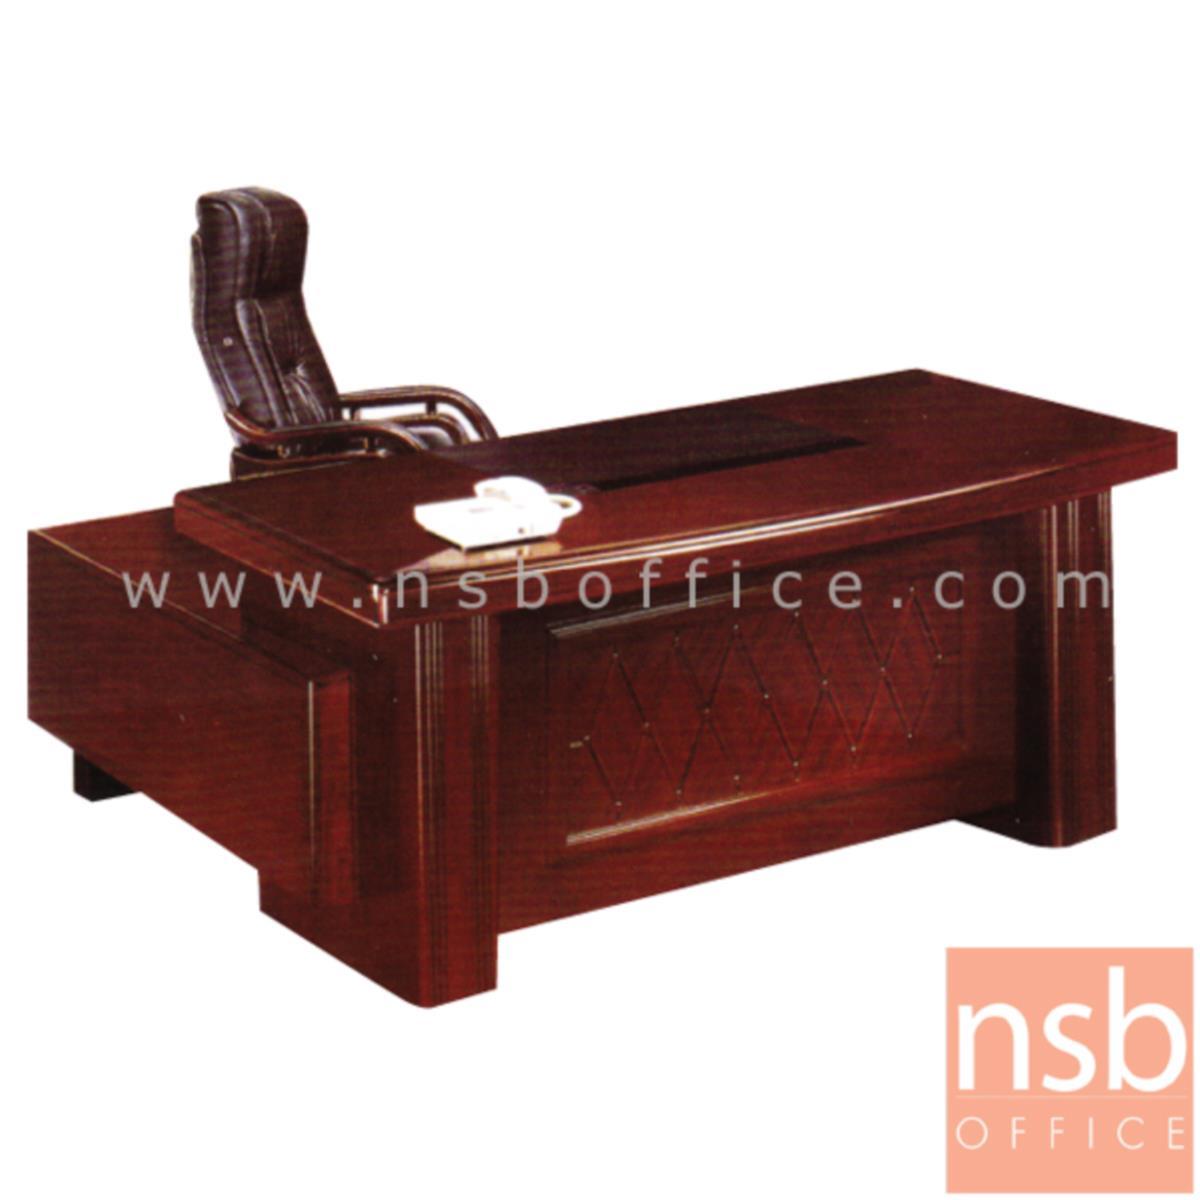 A06A022:โต๊ะผู้บริหารตัวแอล รุ่น Leslie (เลสลี) ขนาด 160W cm. พร้อมตู้ลิ้นชักและตู้ข้าง